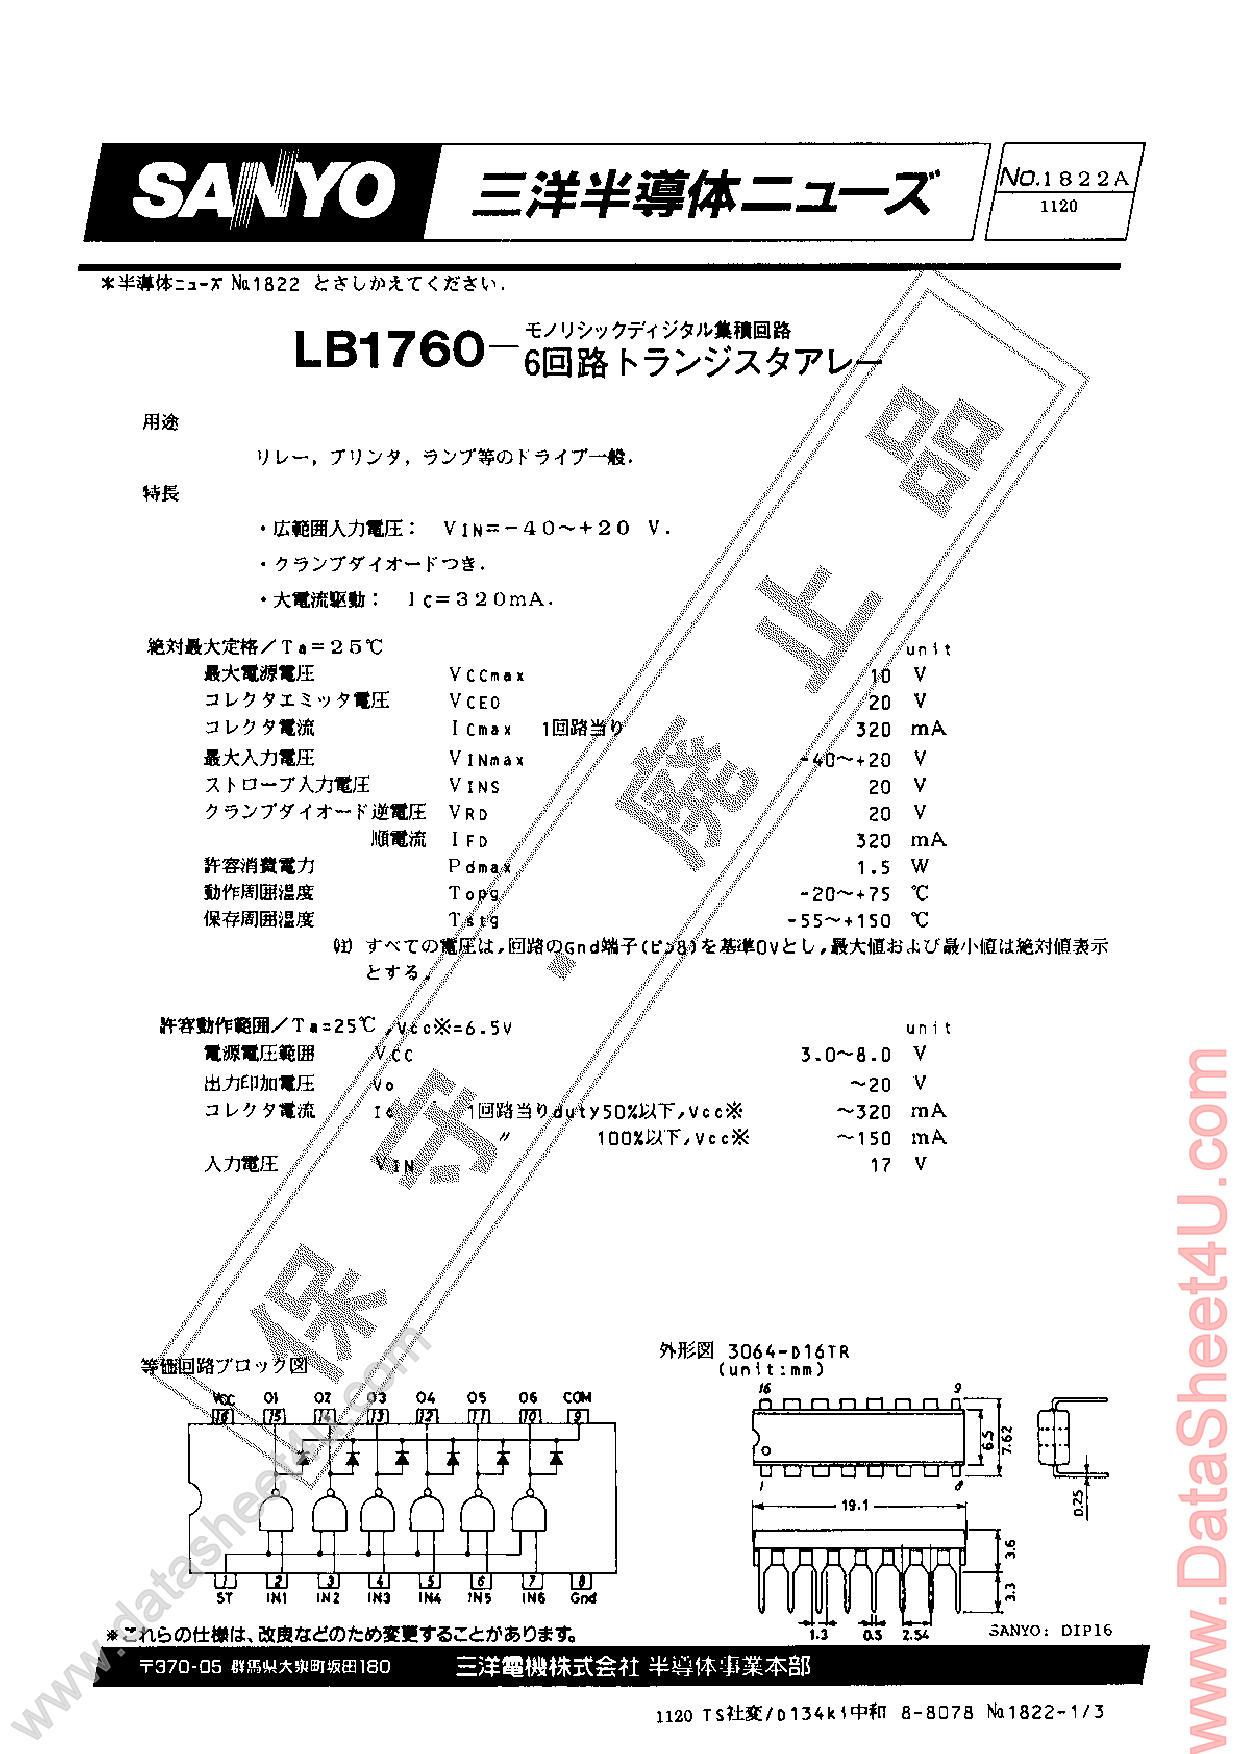 LB1760 datasheet